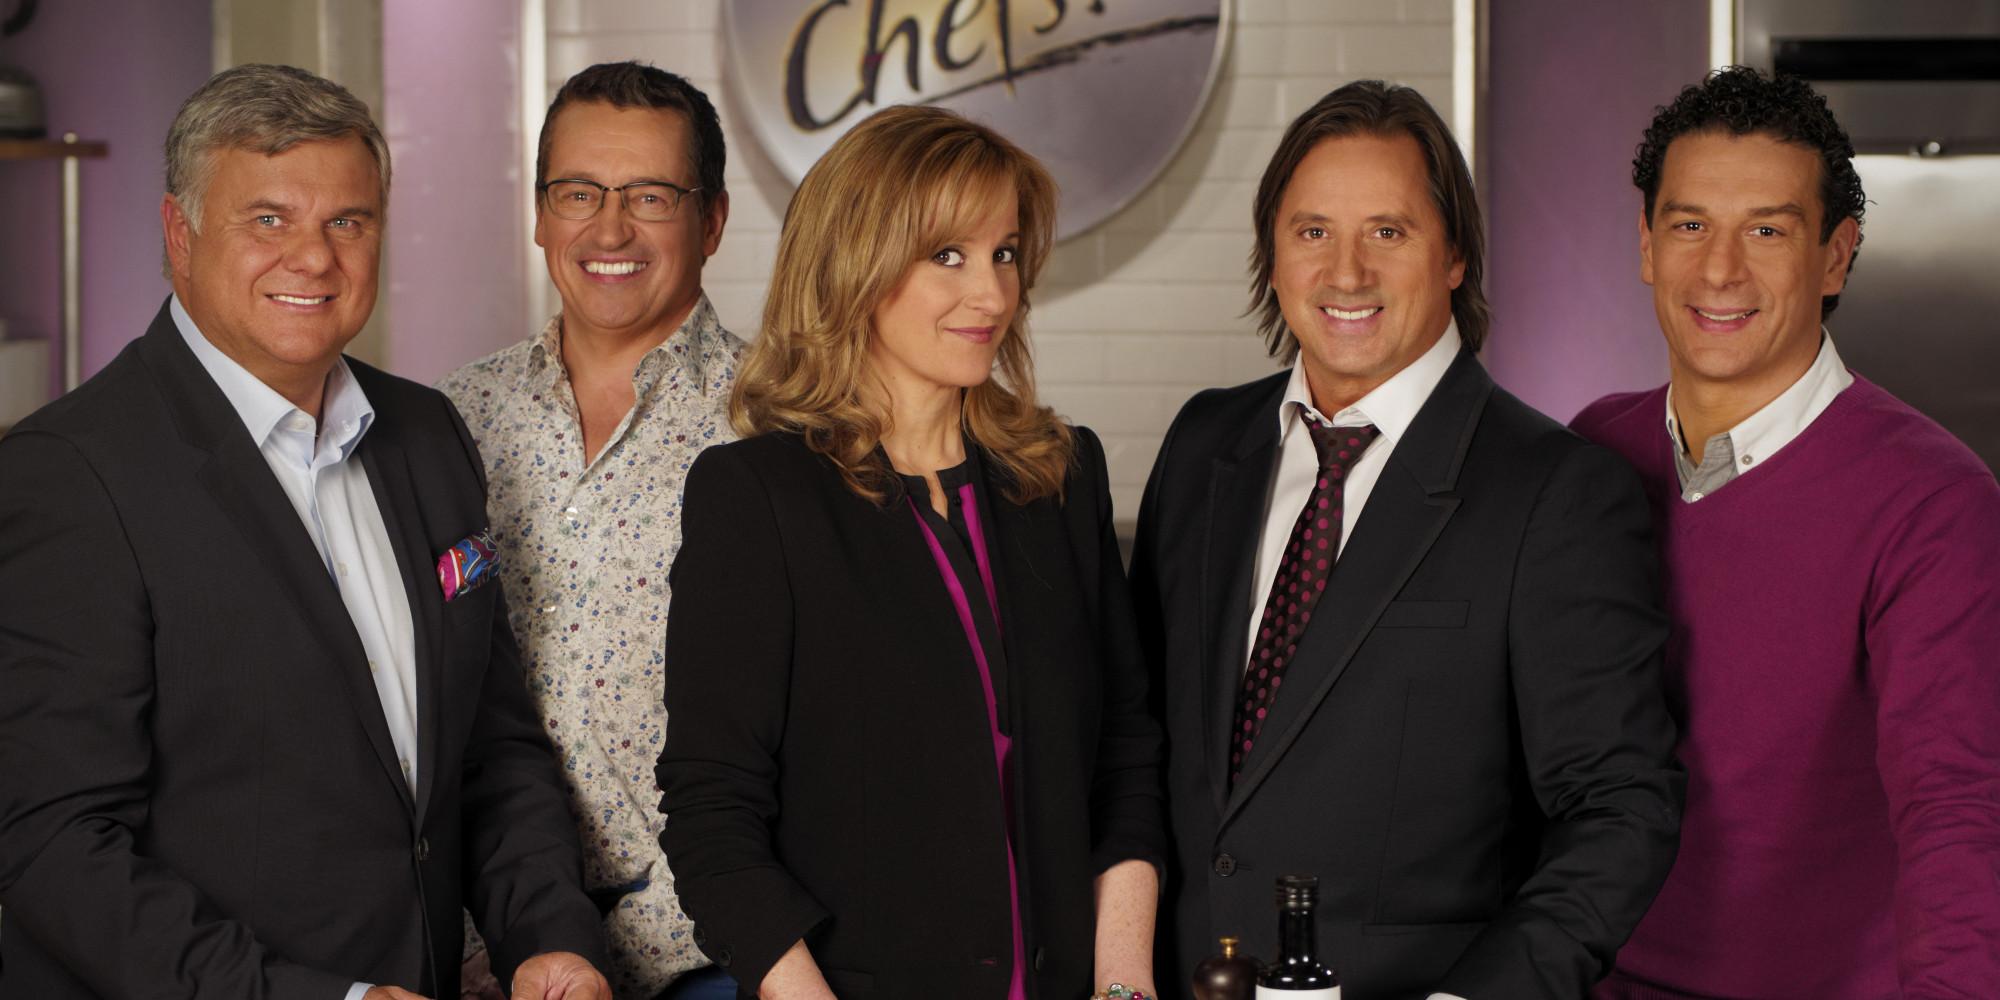 «Les Chefs! La revanche» : l'heure de la deuxième chance (PHOTOS) - Le Huffington Post Quebec